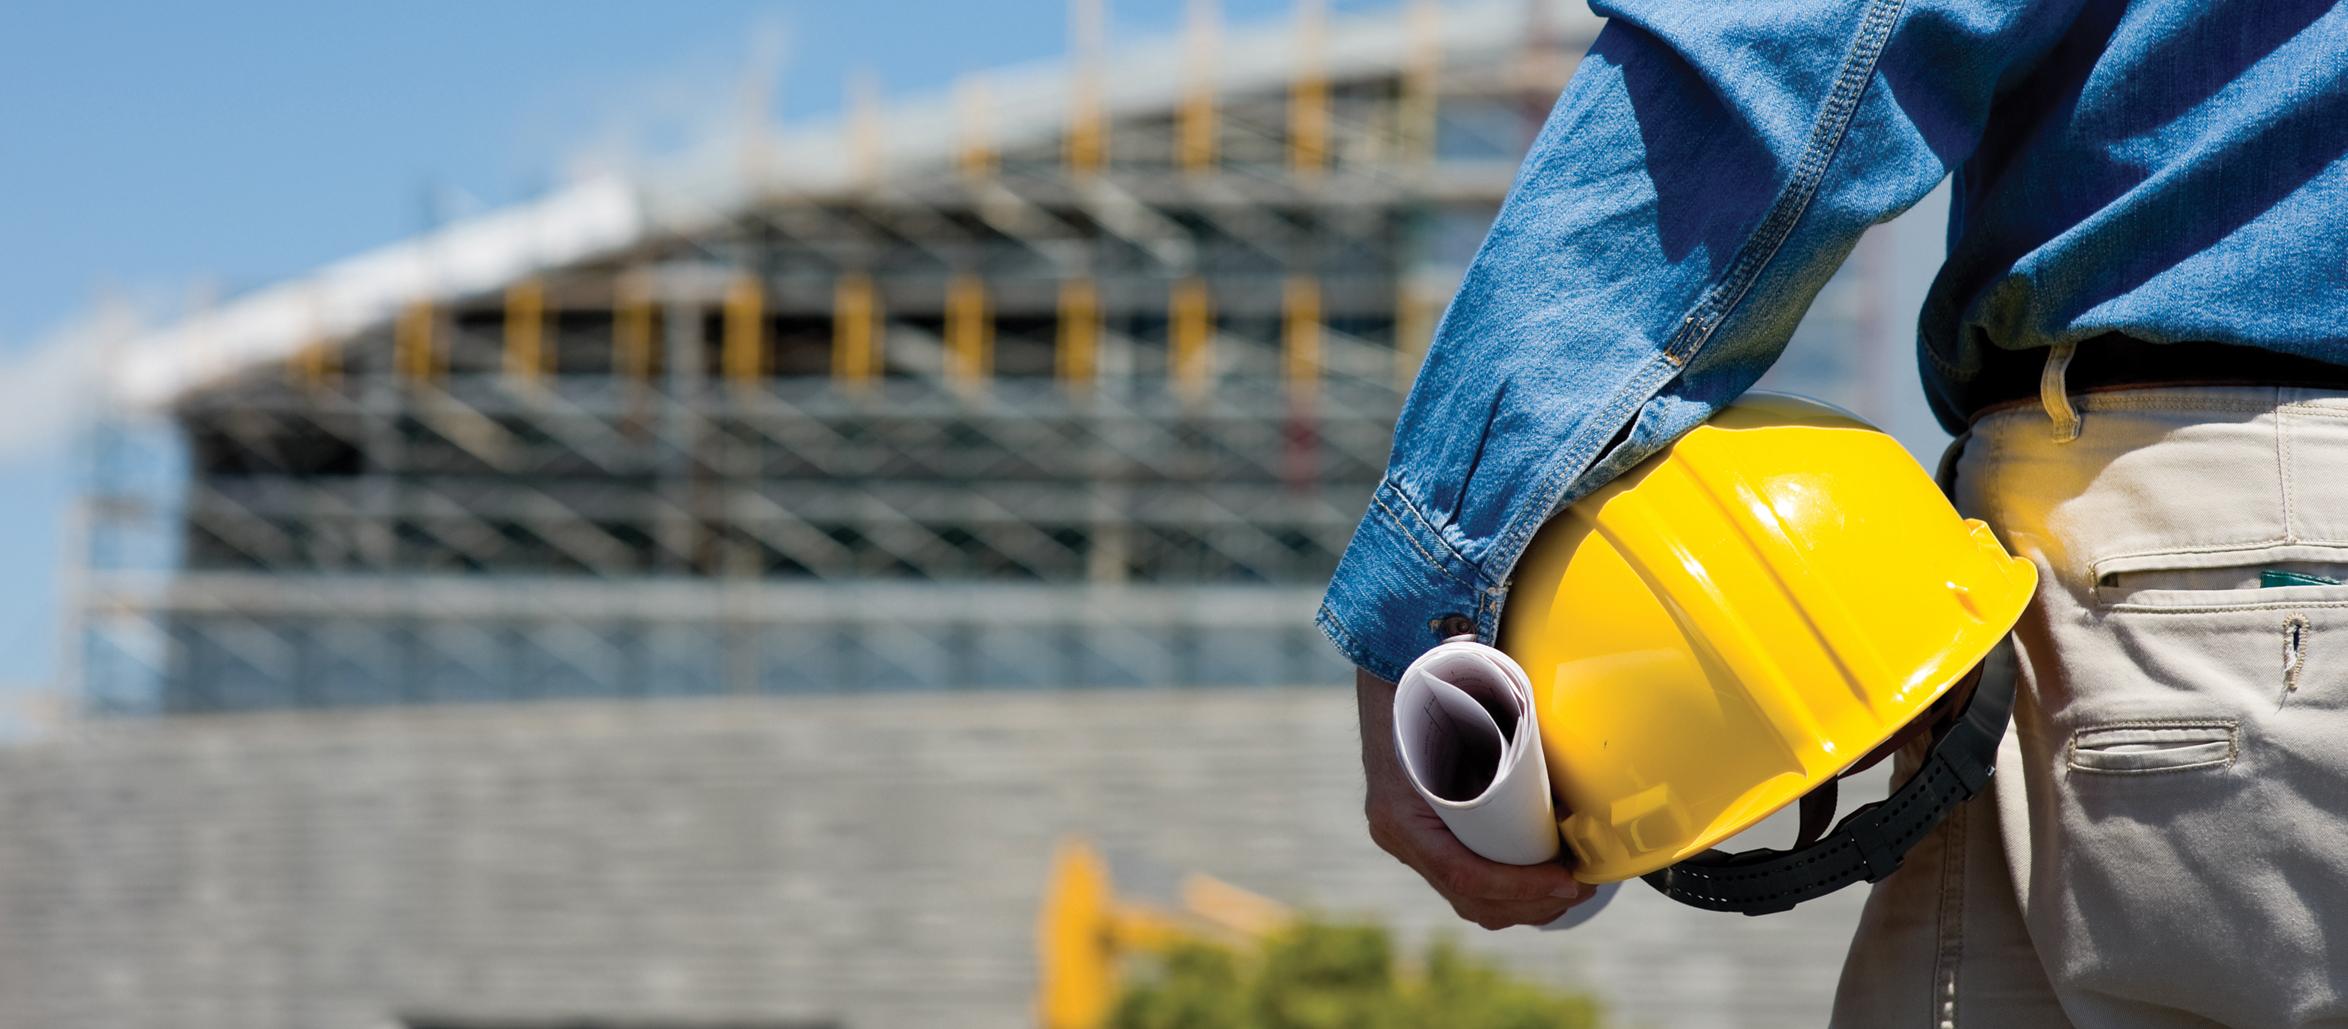 Змінено Перелік будівельних робіт, які не потребують документів, що дають право на їх виконання, та після закінчення яких об'єкт не підлягає прийняттю в експлуатацію